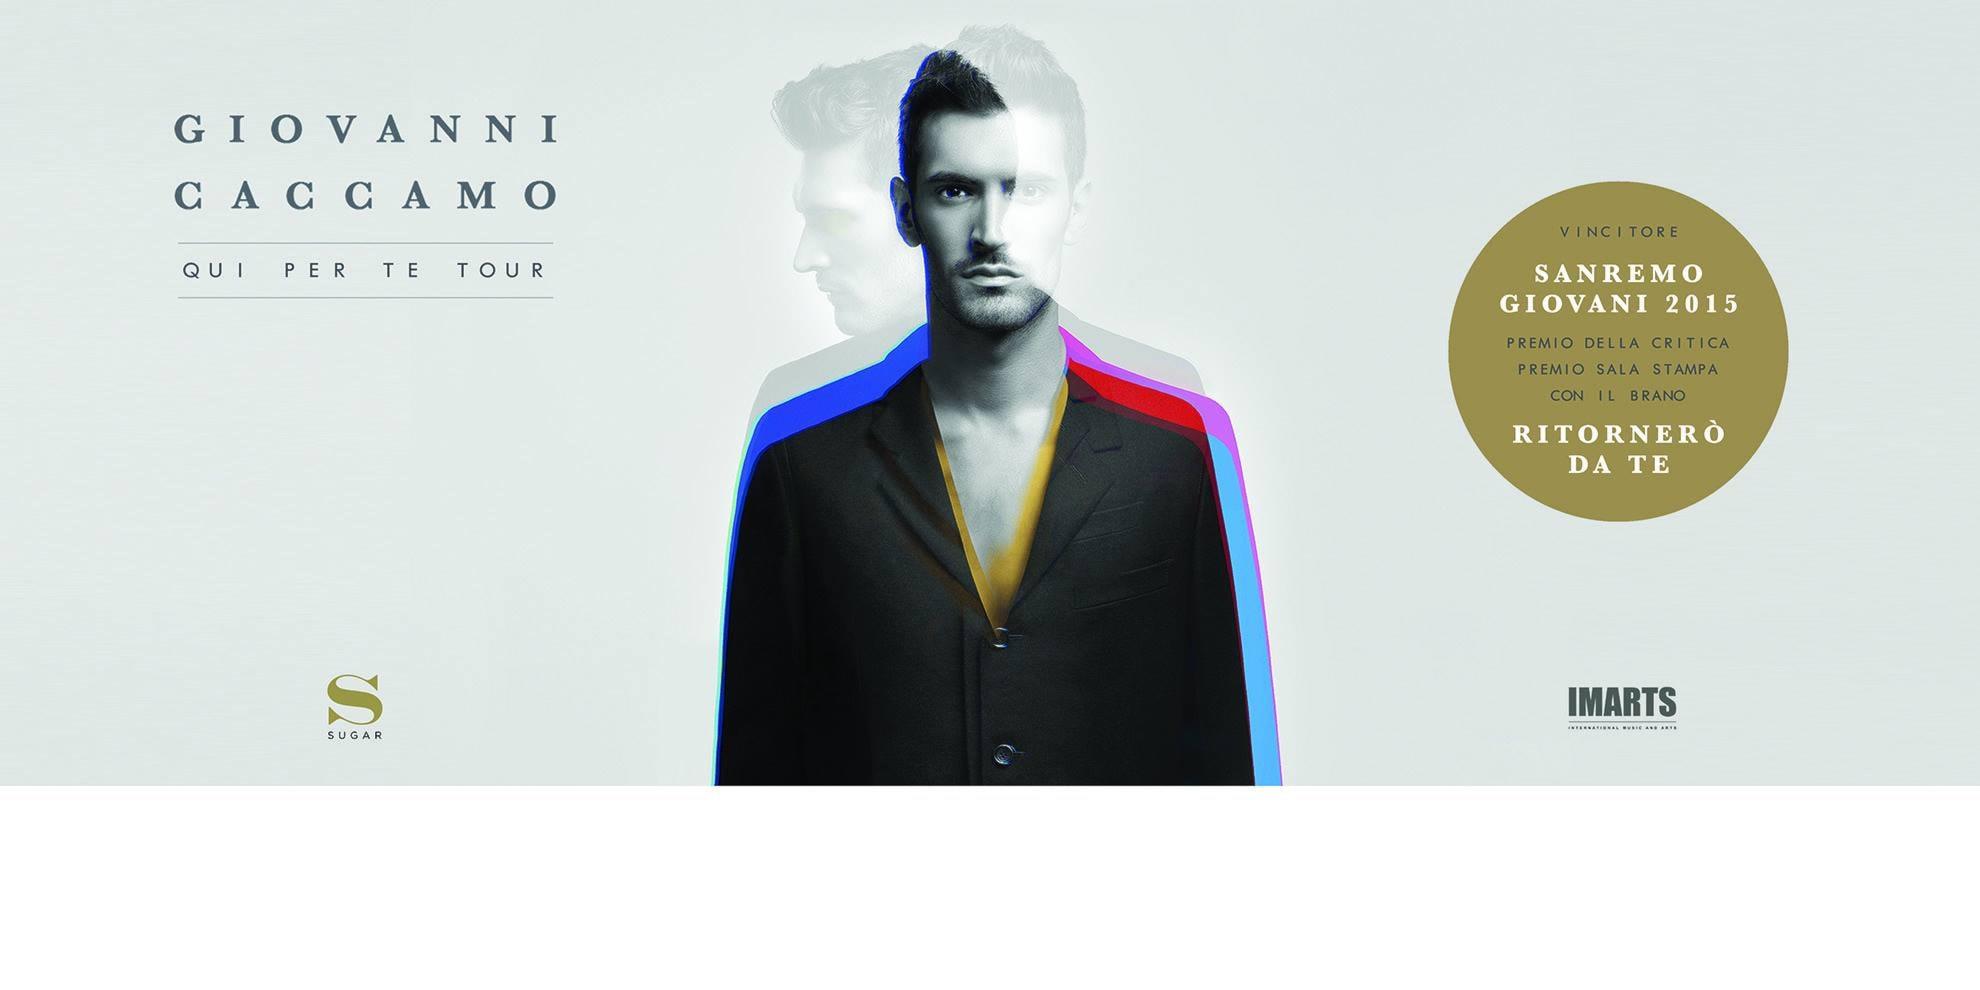 7 dicembre Aperitivo lirico, Cena e Dopo Cena Musicale con Concerto di Giovanni Caccamo, Vincitore di Sanremo Giovani 2015